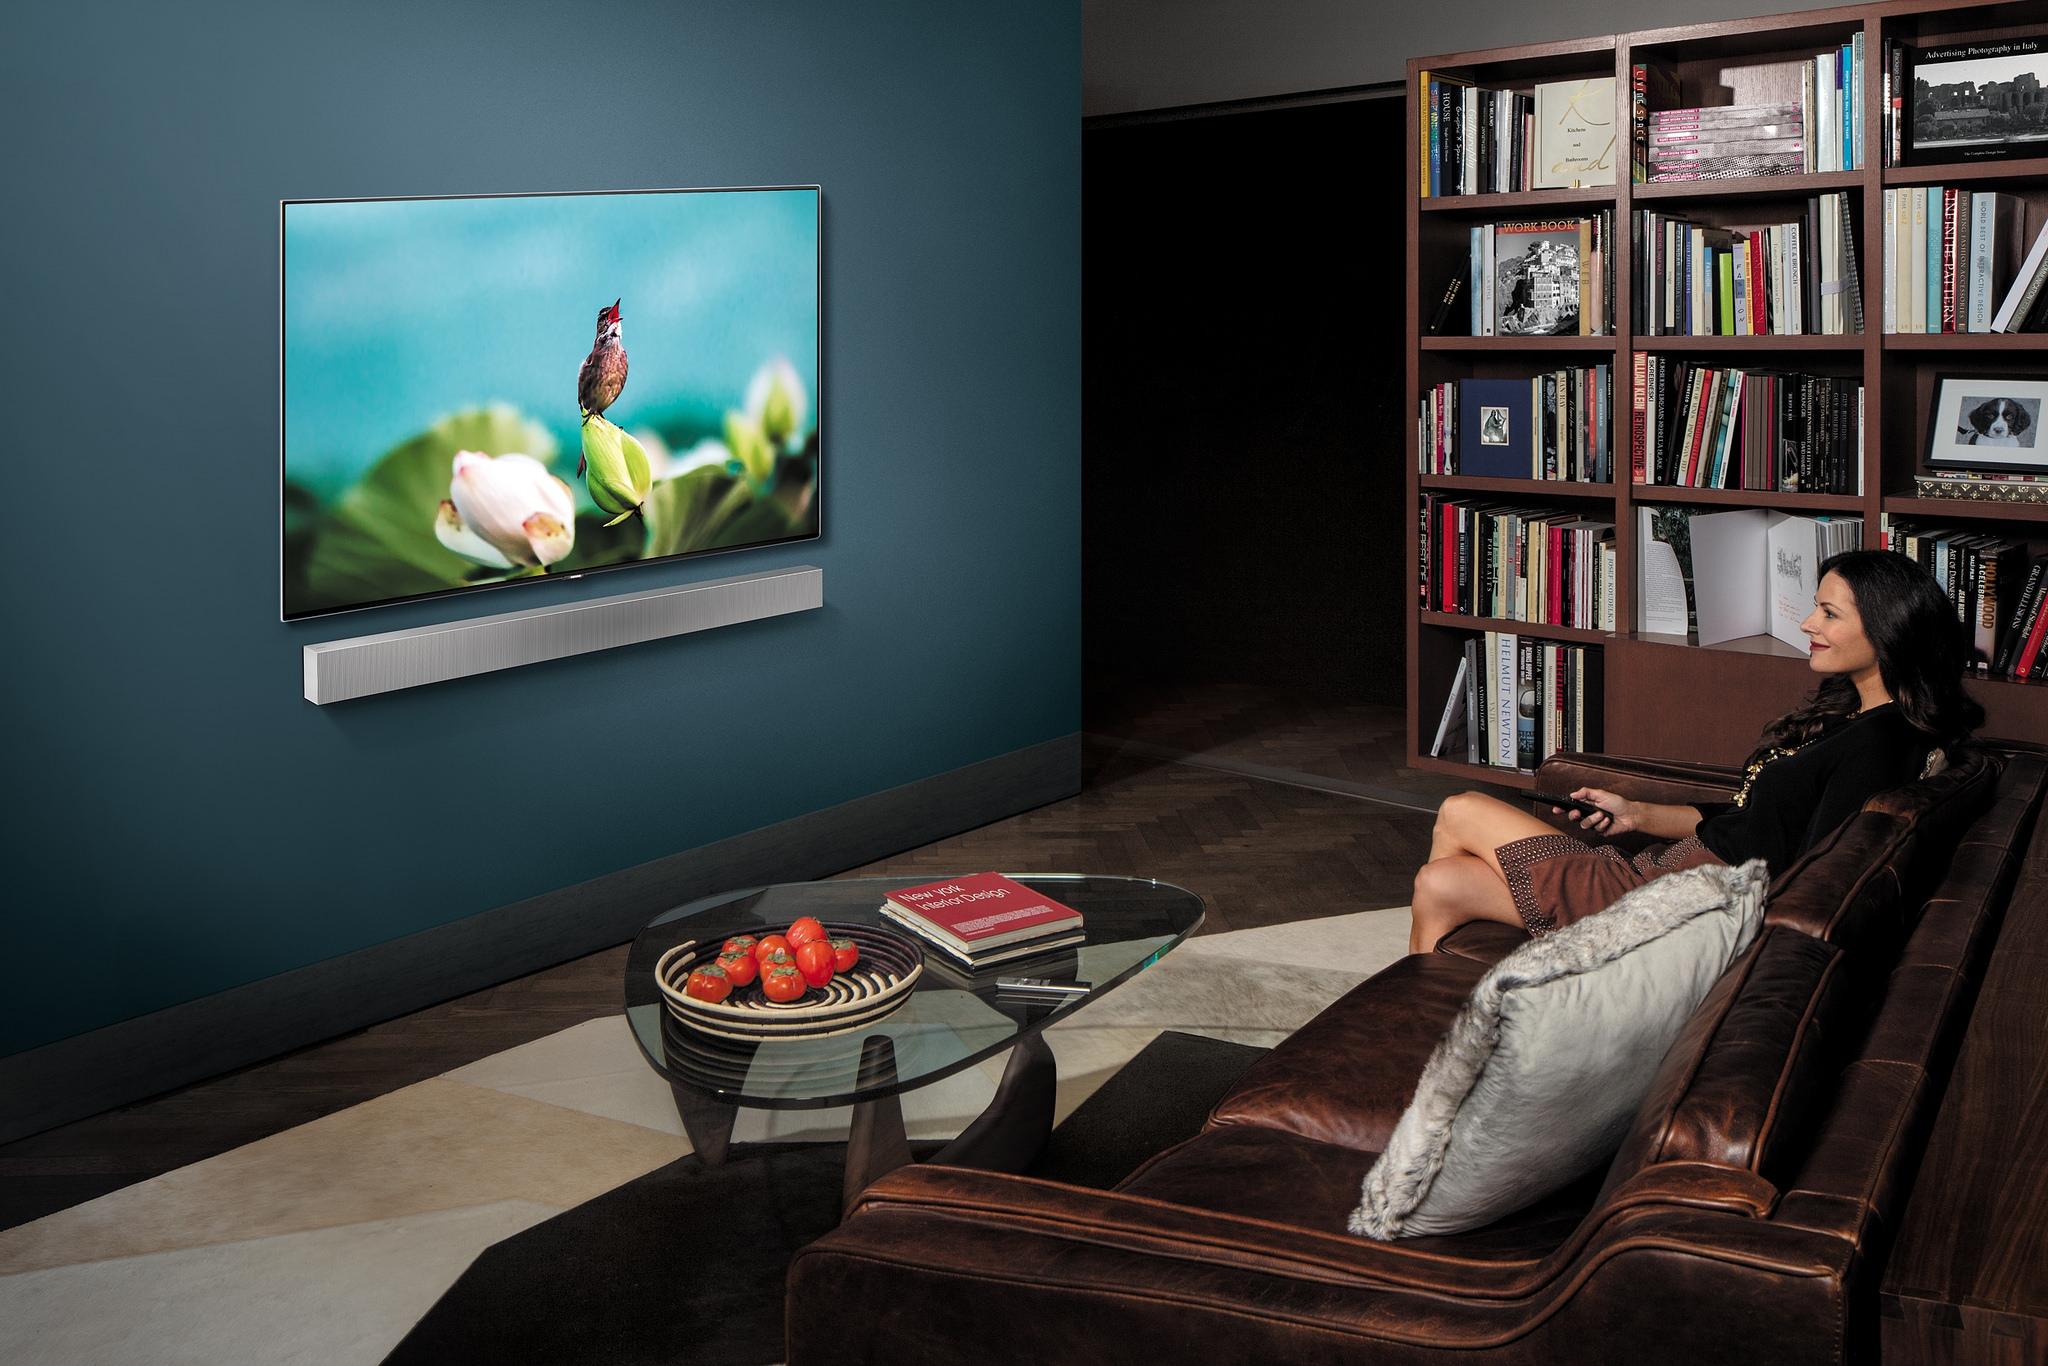 Samsung presentará su nuevo Soundbar lifestyle montable en CES 2018